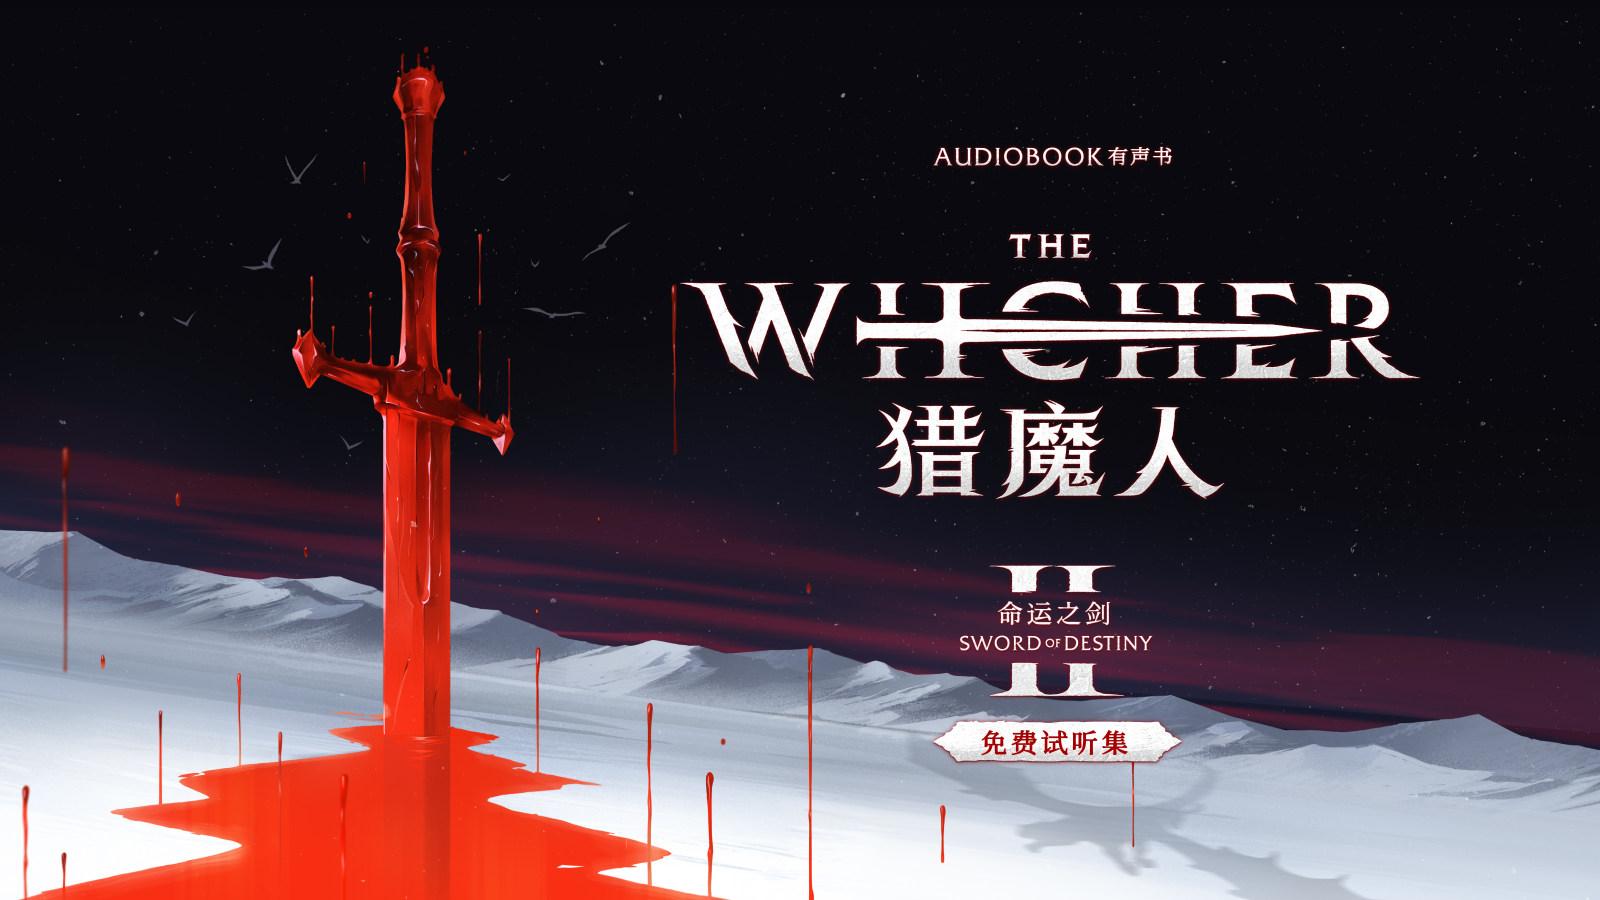 有声书《猎魔人 卷三:精灵之血》将在下周四开始更新